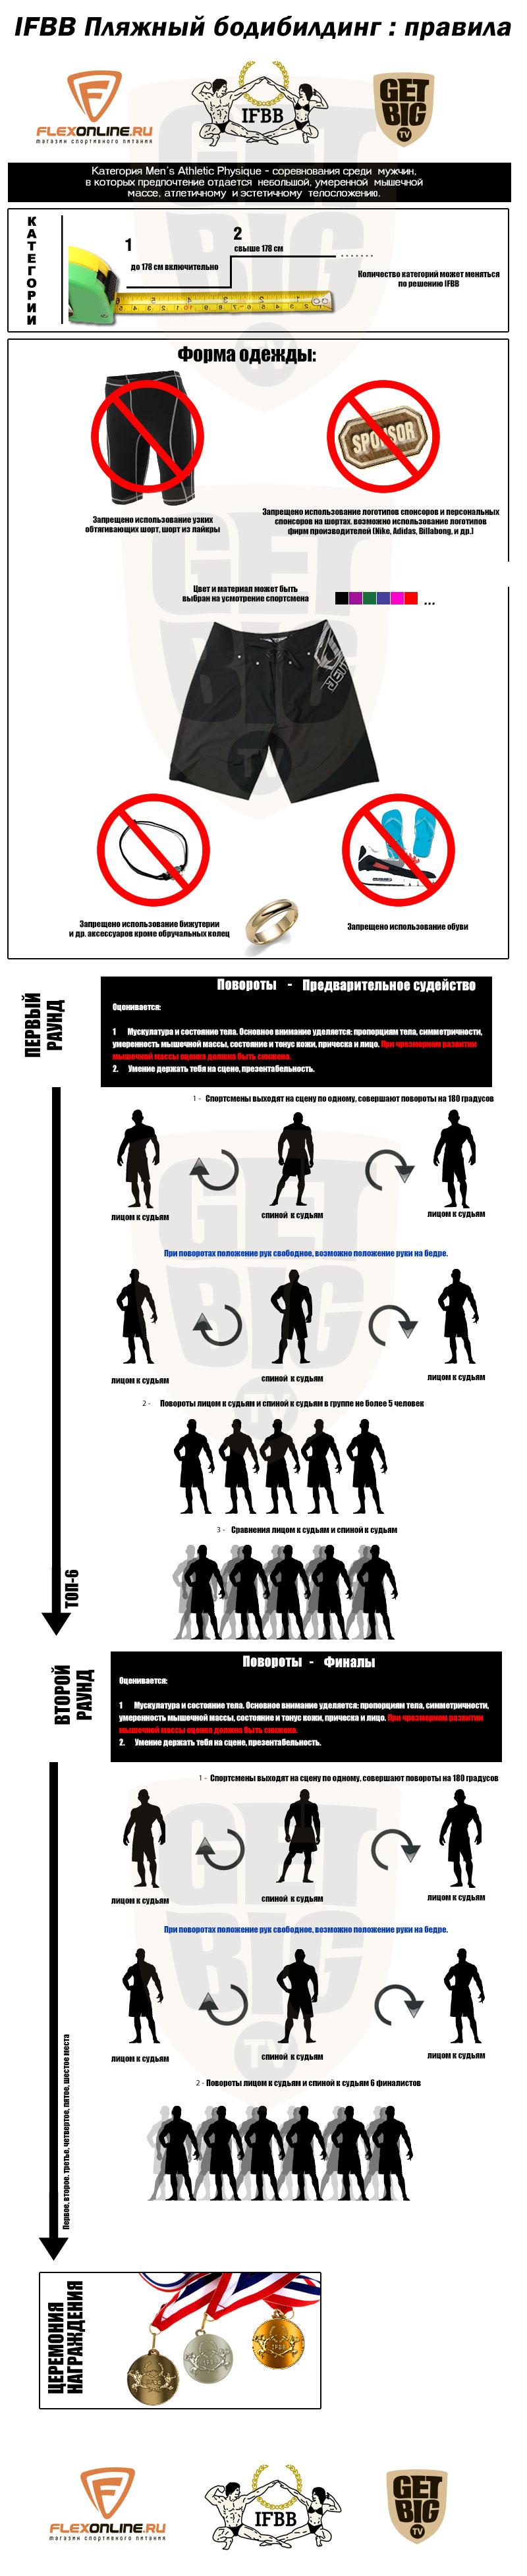 Правила соревнований по пляжному бодибилдингу (менс физик) IFBB